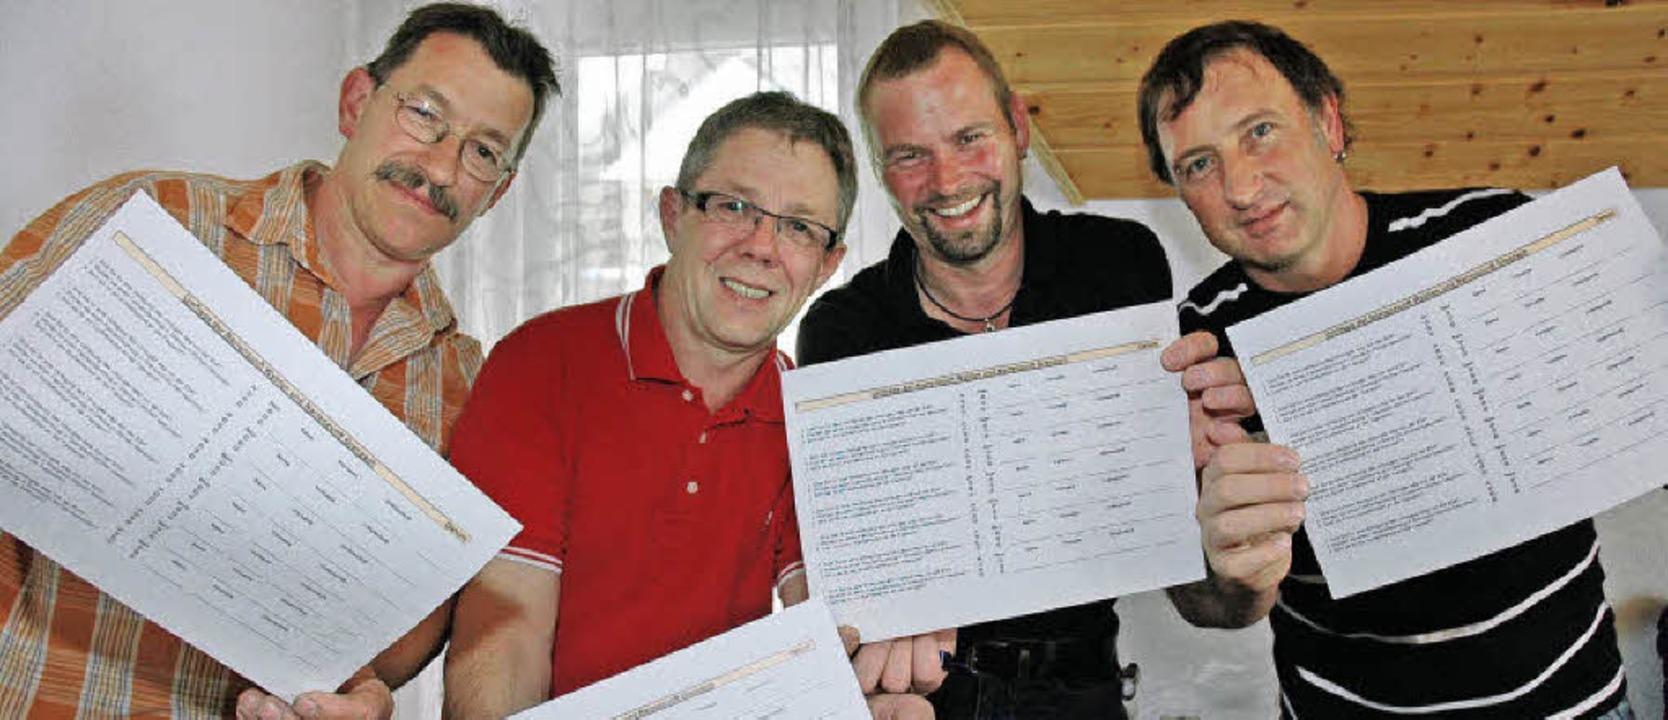 Fragebogen-Aktion:  Seneschall Uwe Dam...zunft Rolli-Dudel Wyhlen (von links).   | Foto: Heinz Vollmar